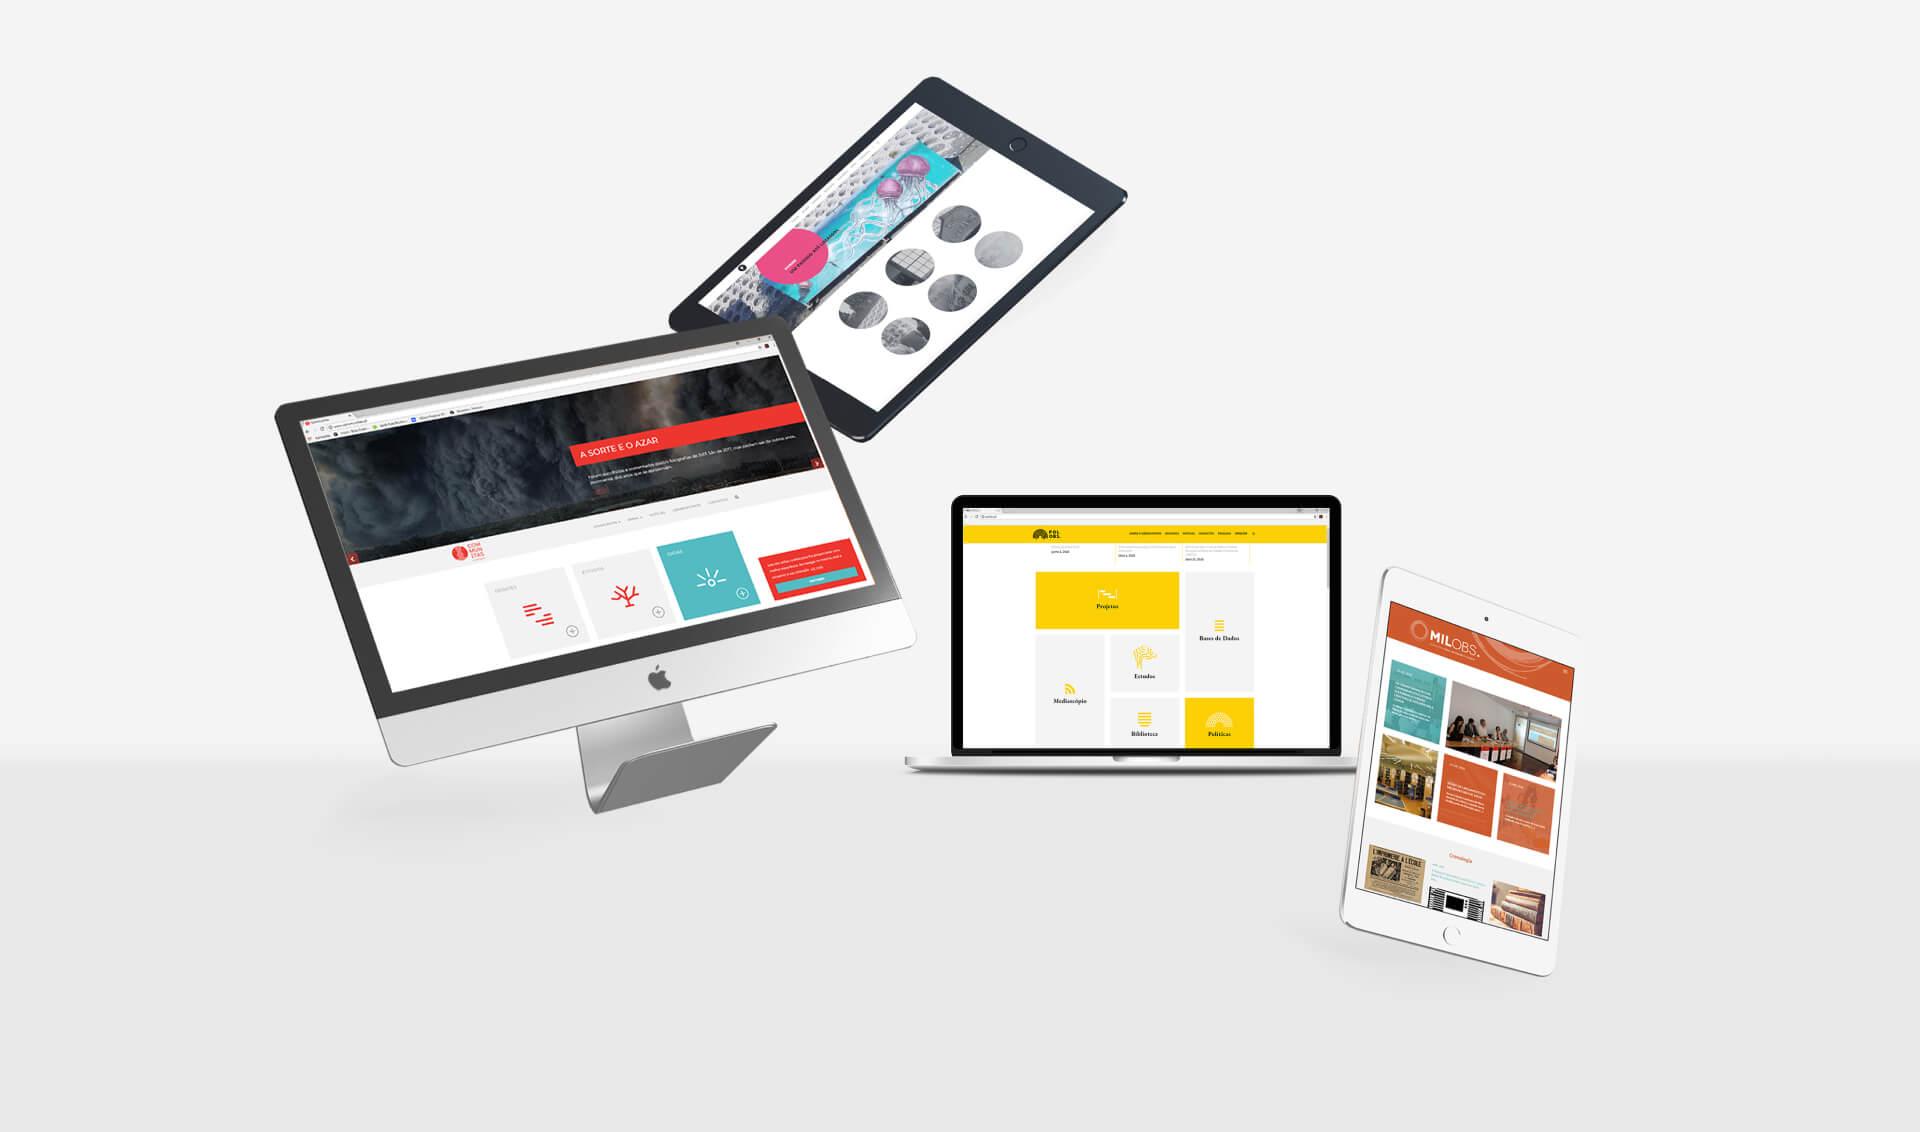 Mockup de websites da Universidade do Minho